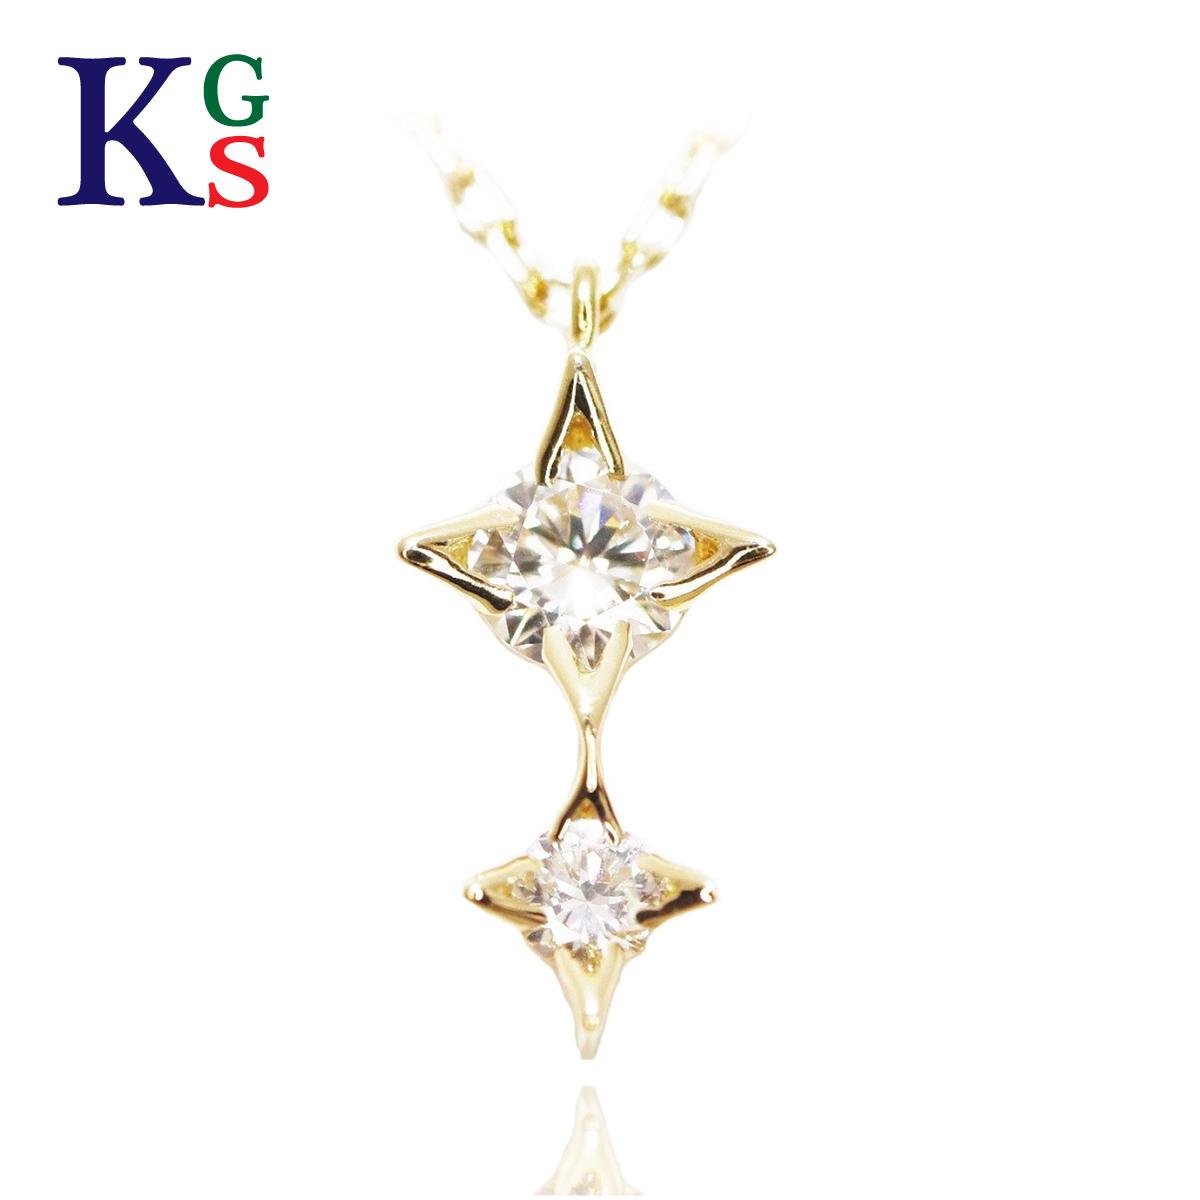 【ギフト品質】AHKAH / アーカー レディース アルビレオ スターネックレス K18YG 2Pダイヤ 0.07ct